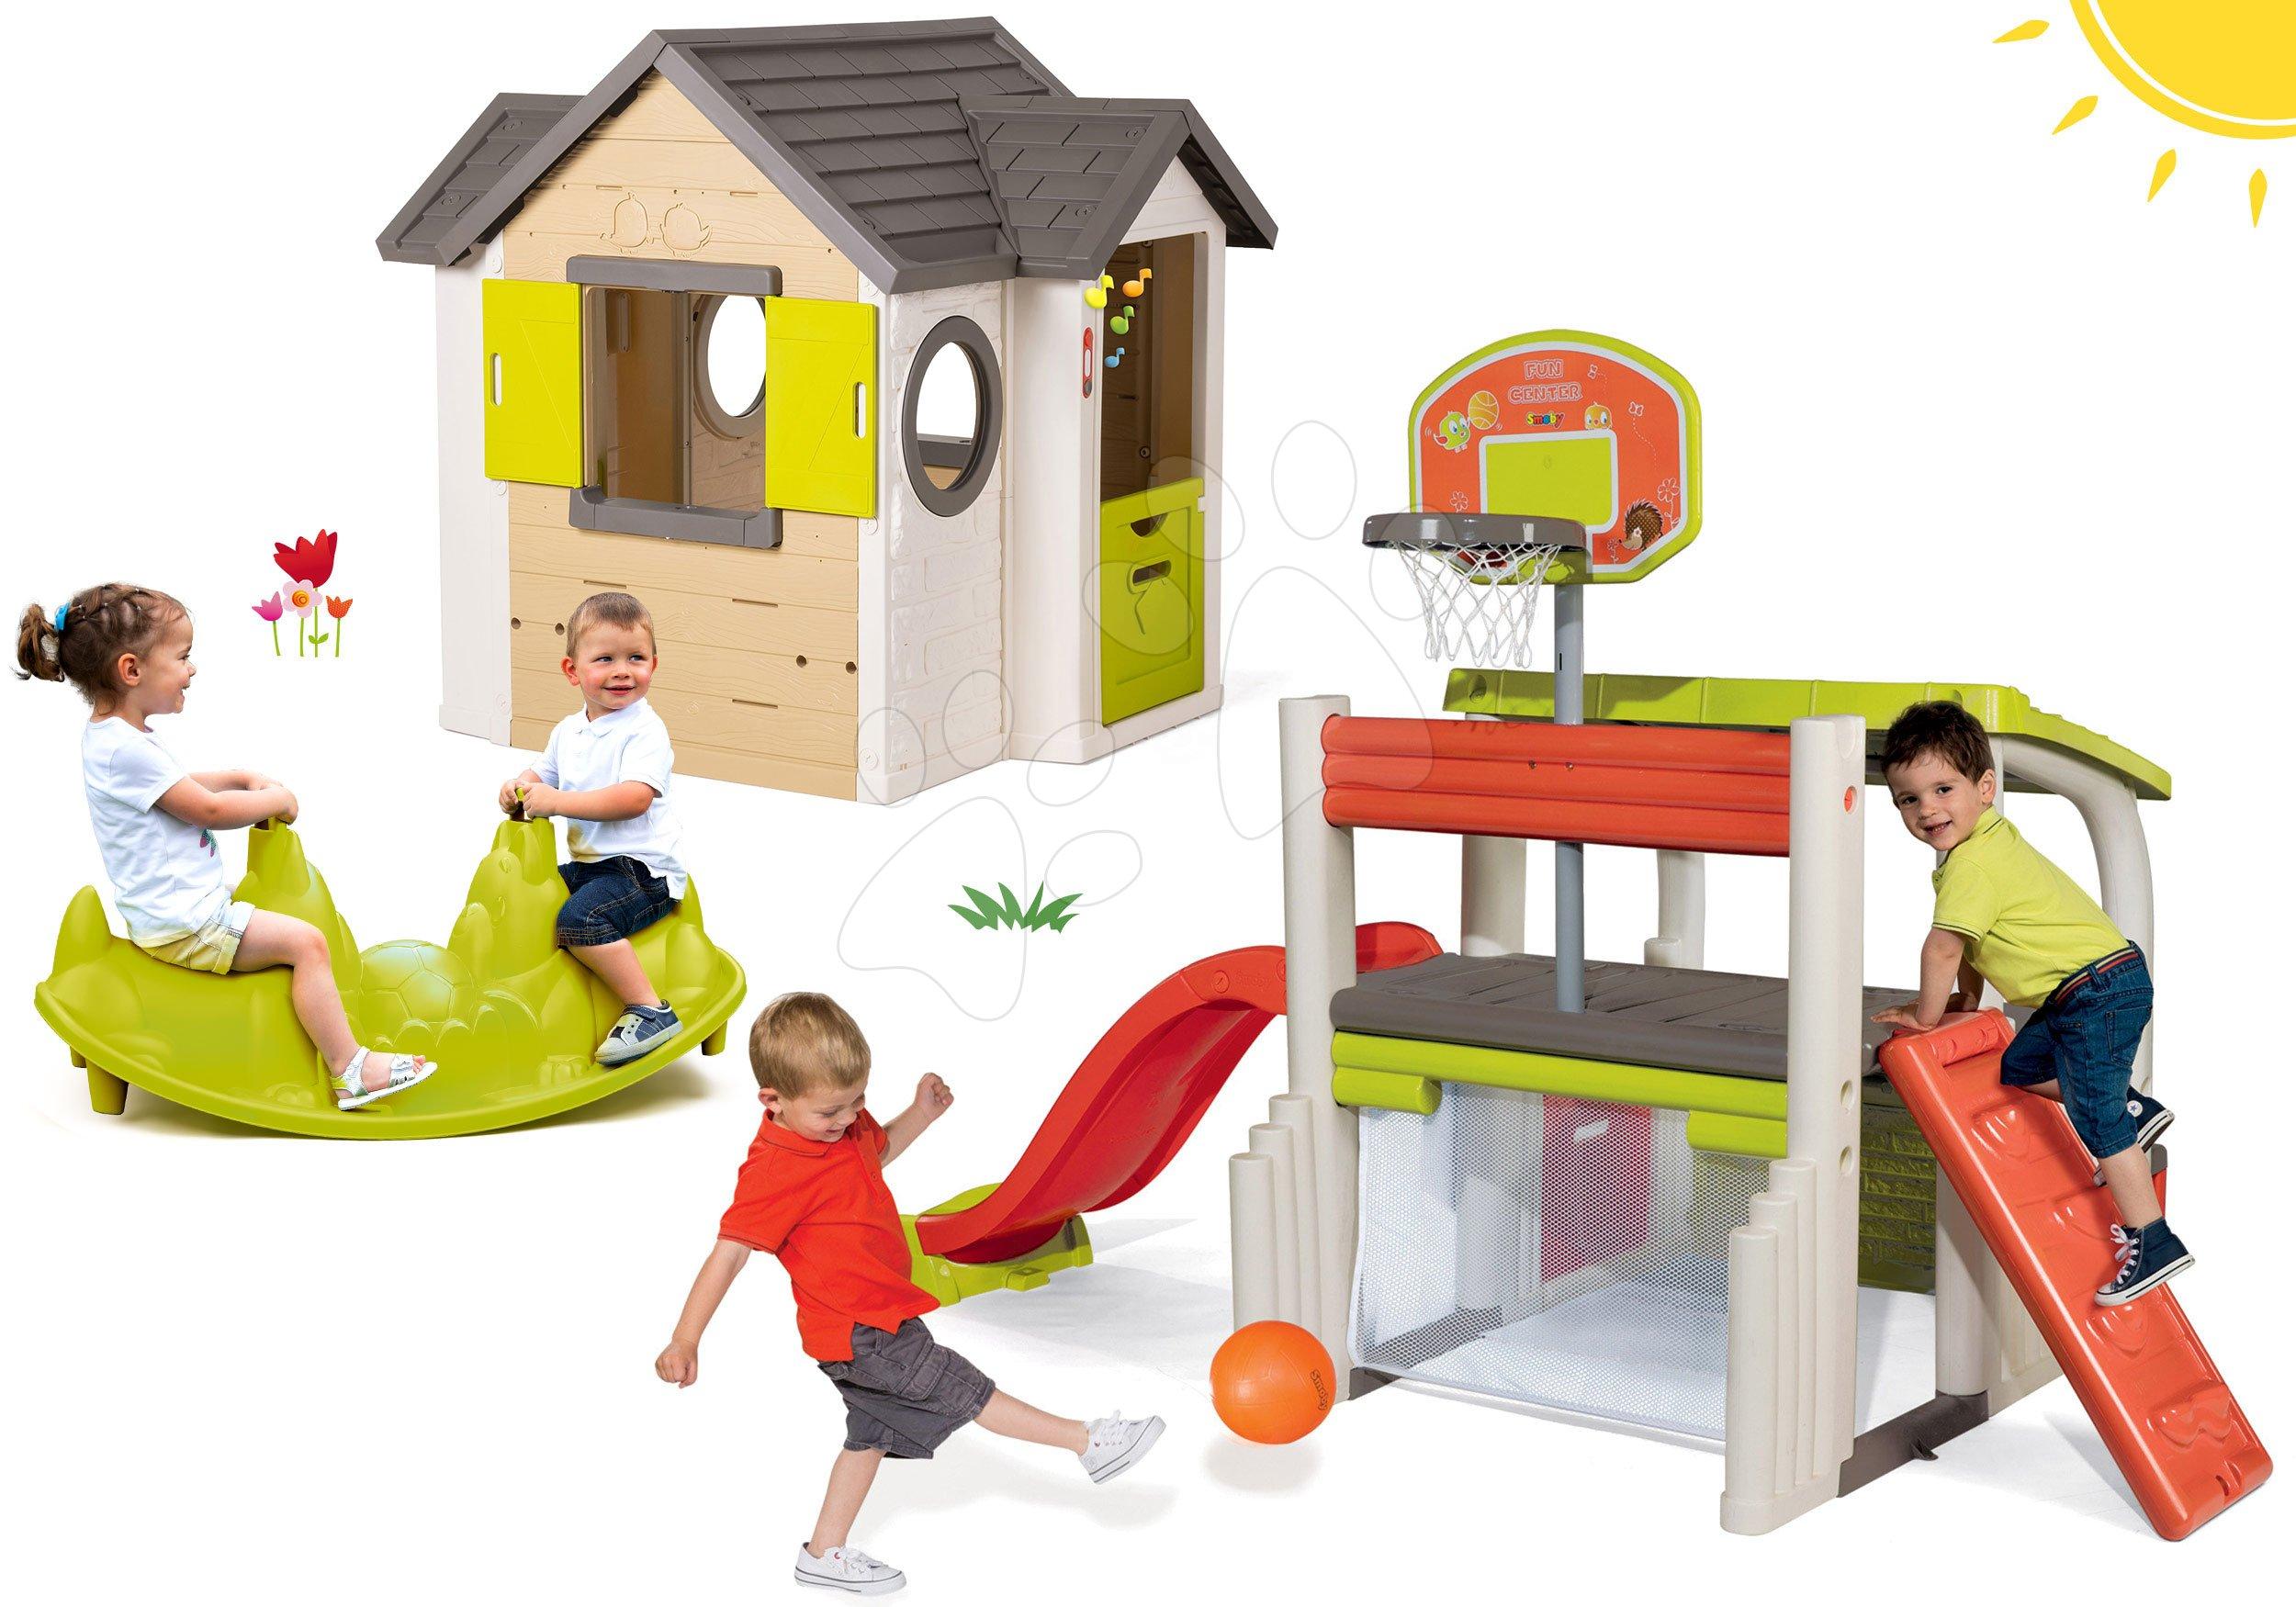 Smoby set domeček My House se zvonkem a 2 dveřmi a hrací centrum Fun Center s houpačkou Tuleň 810402-26